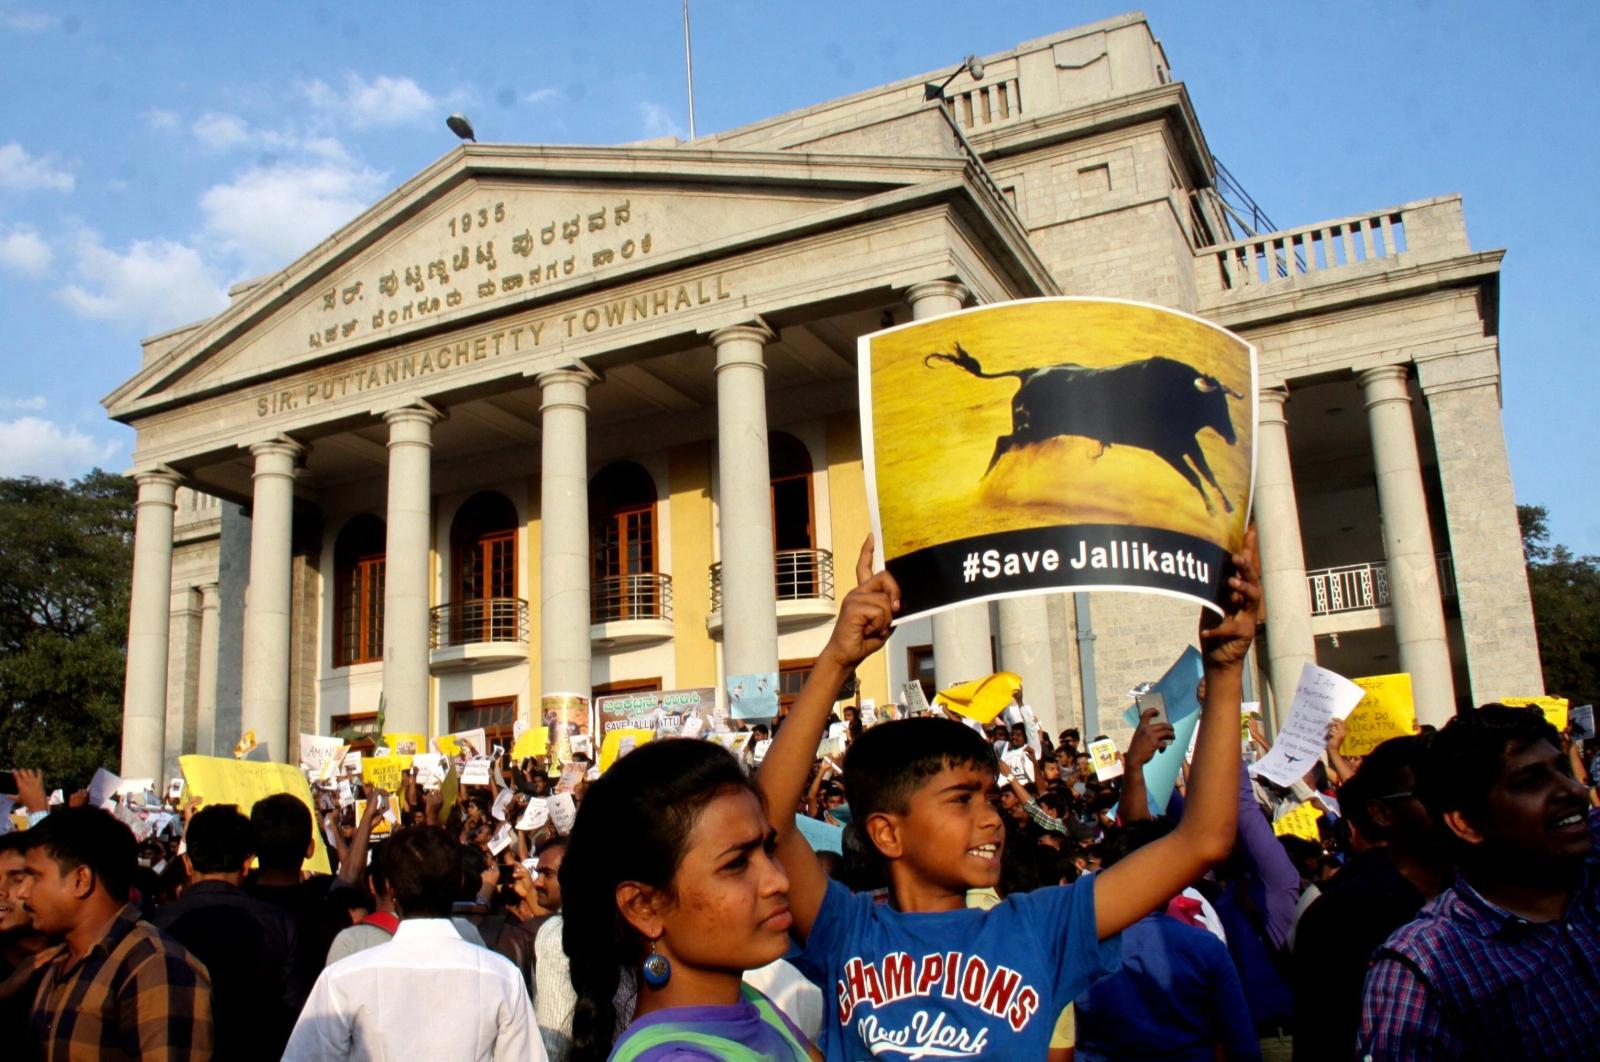 Protest w imię etycznego traktowania zwierząt w Bangalore w Indiach. Fot. PAP/EPA/JAGADEESH NV